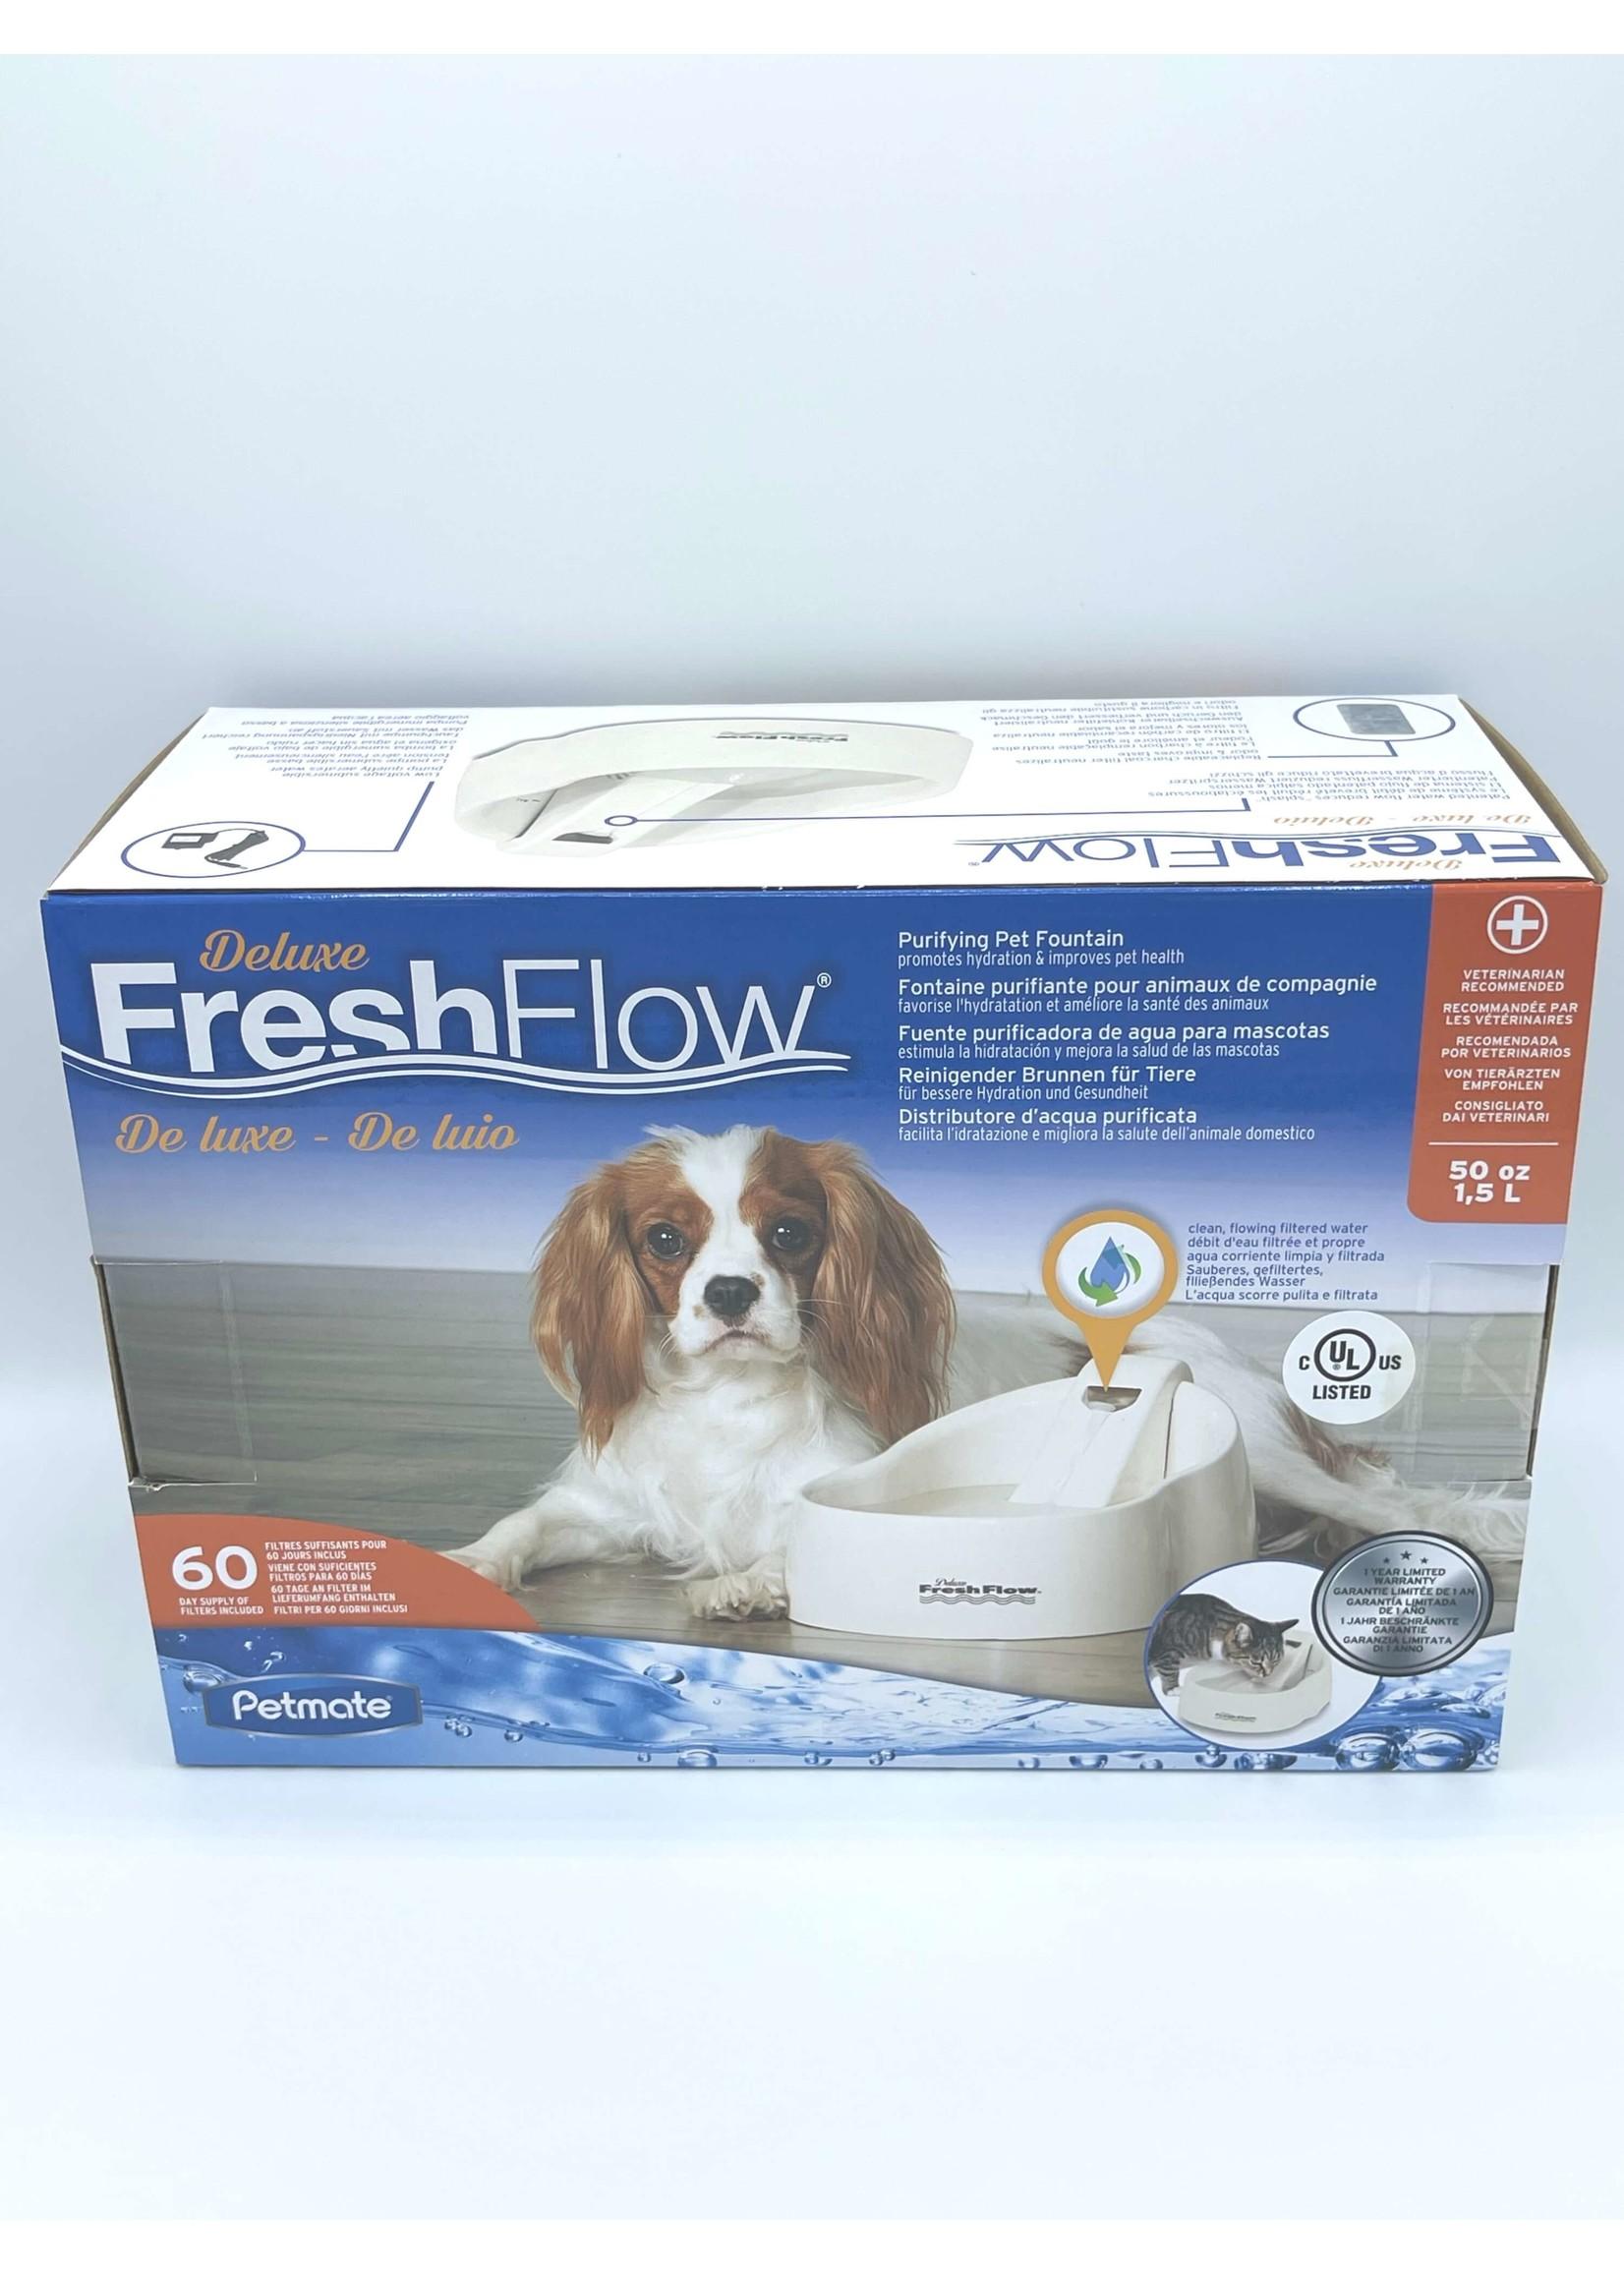 Petmate Fresh Flow Purifying Pet Fountain